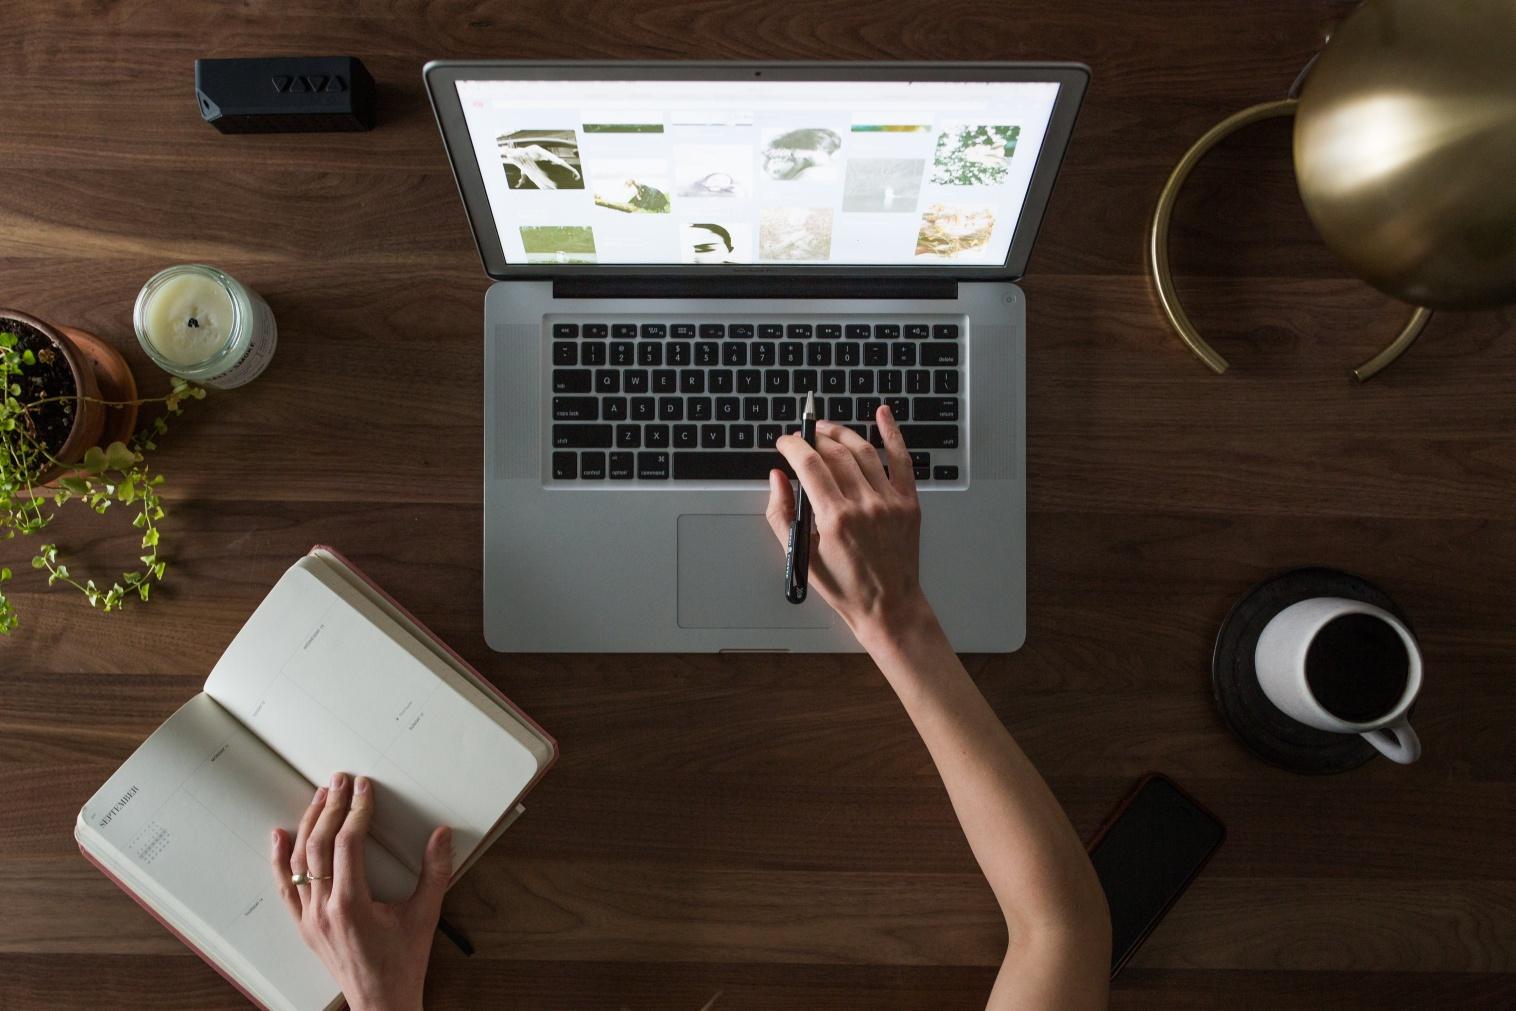 Апгрейд ноутбука или несколько полезных гаджетов для работы